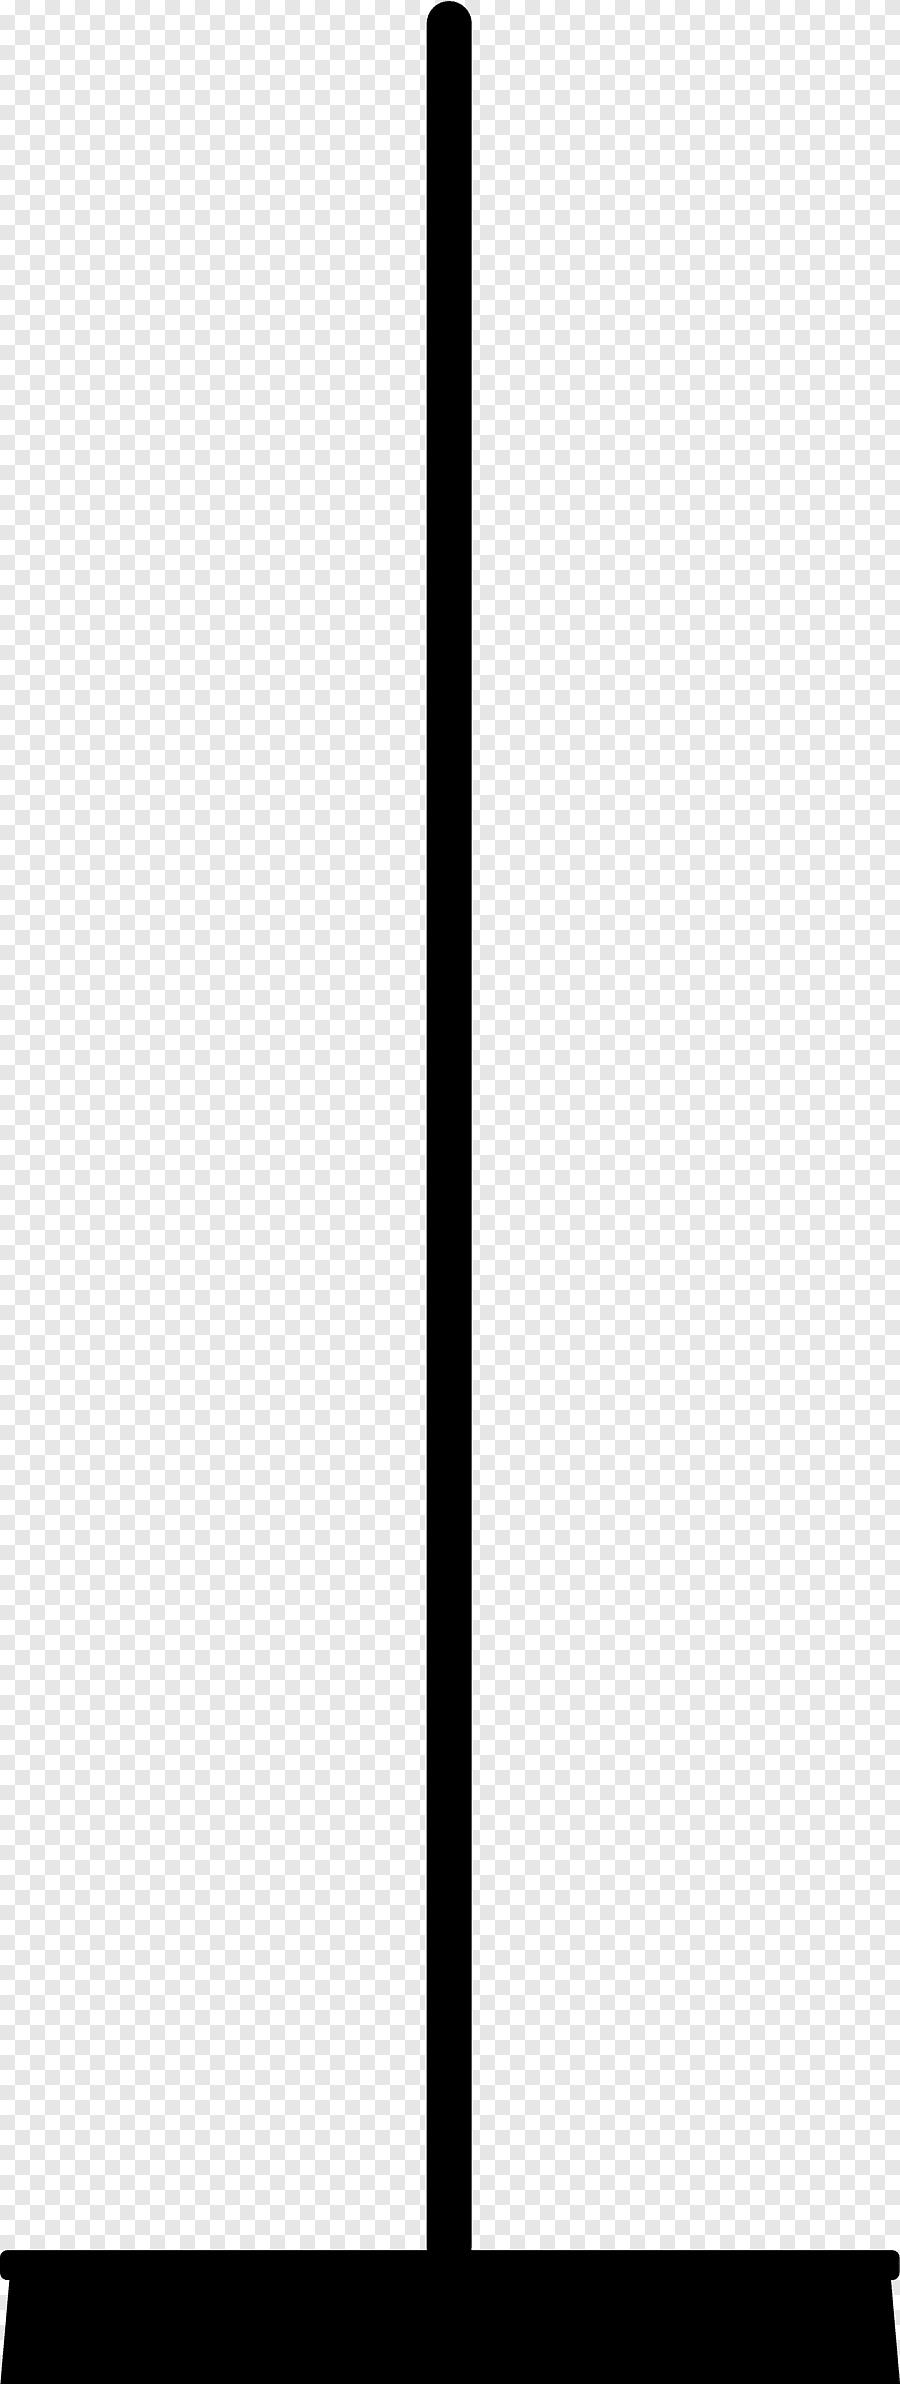 Vertikal Adalah Garis : vertikal, adalah, garis, Garis, Vertikal-horizontal, Ilusi, Horisontal, Vertikal, Bidang, Horizontal,, Garis,, Sudut,, Persegi, Panjang, PNGEgg